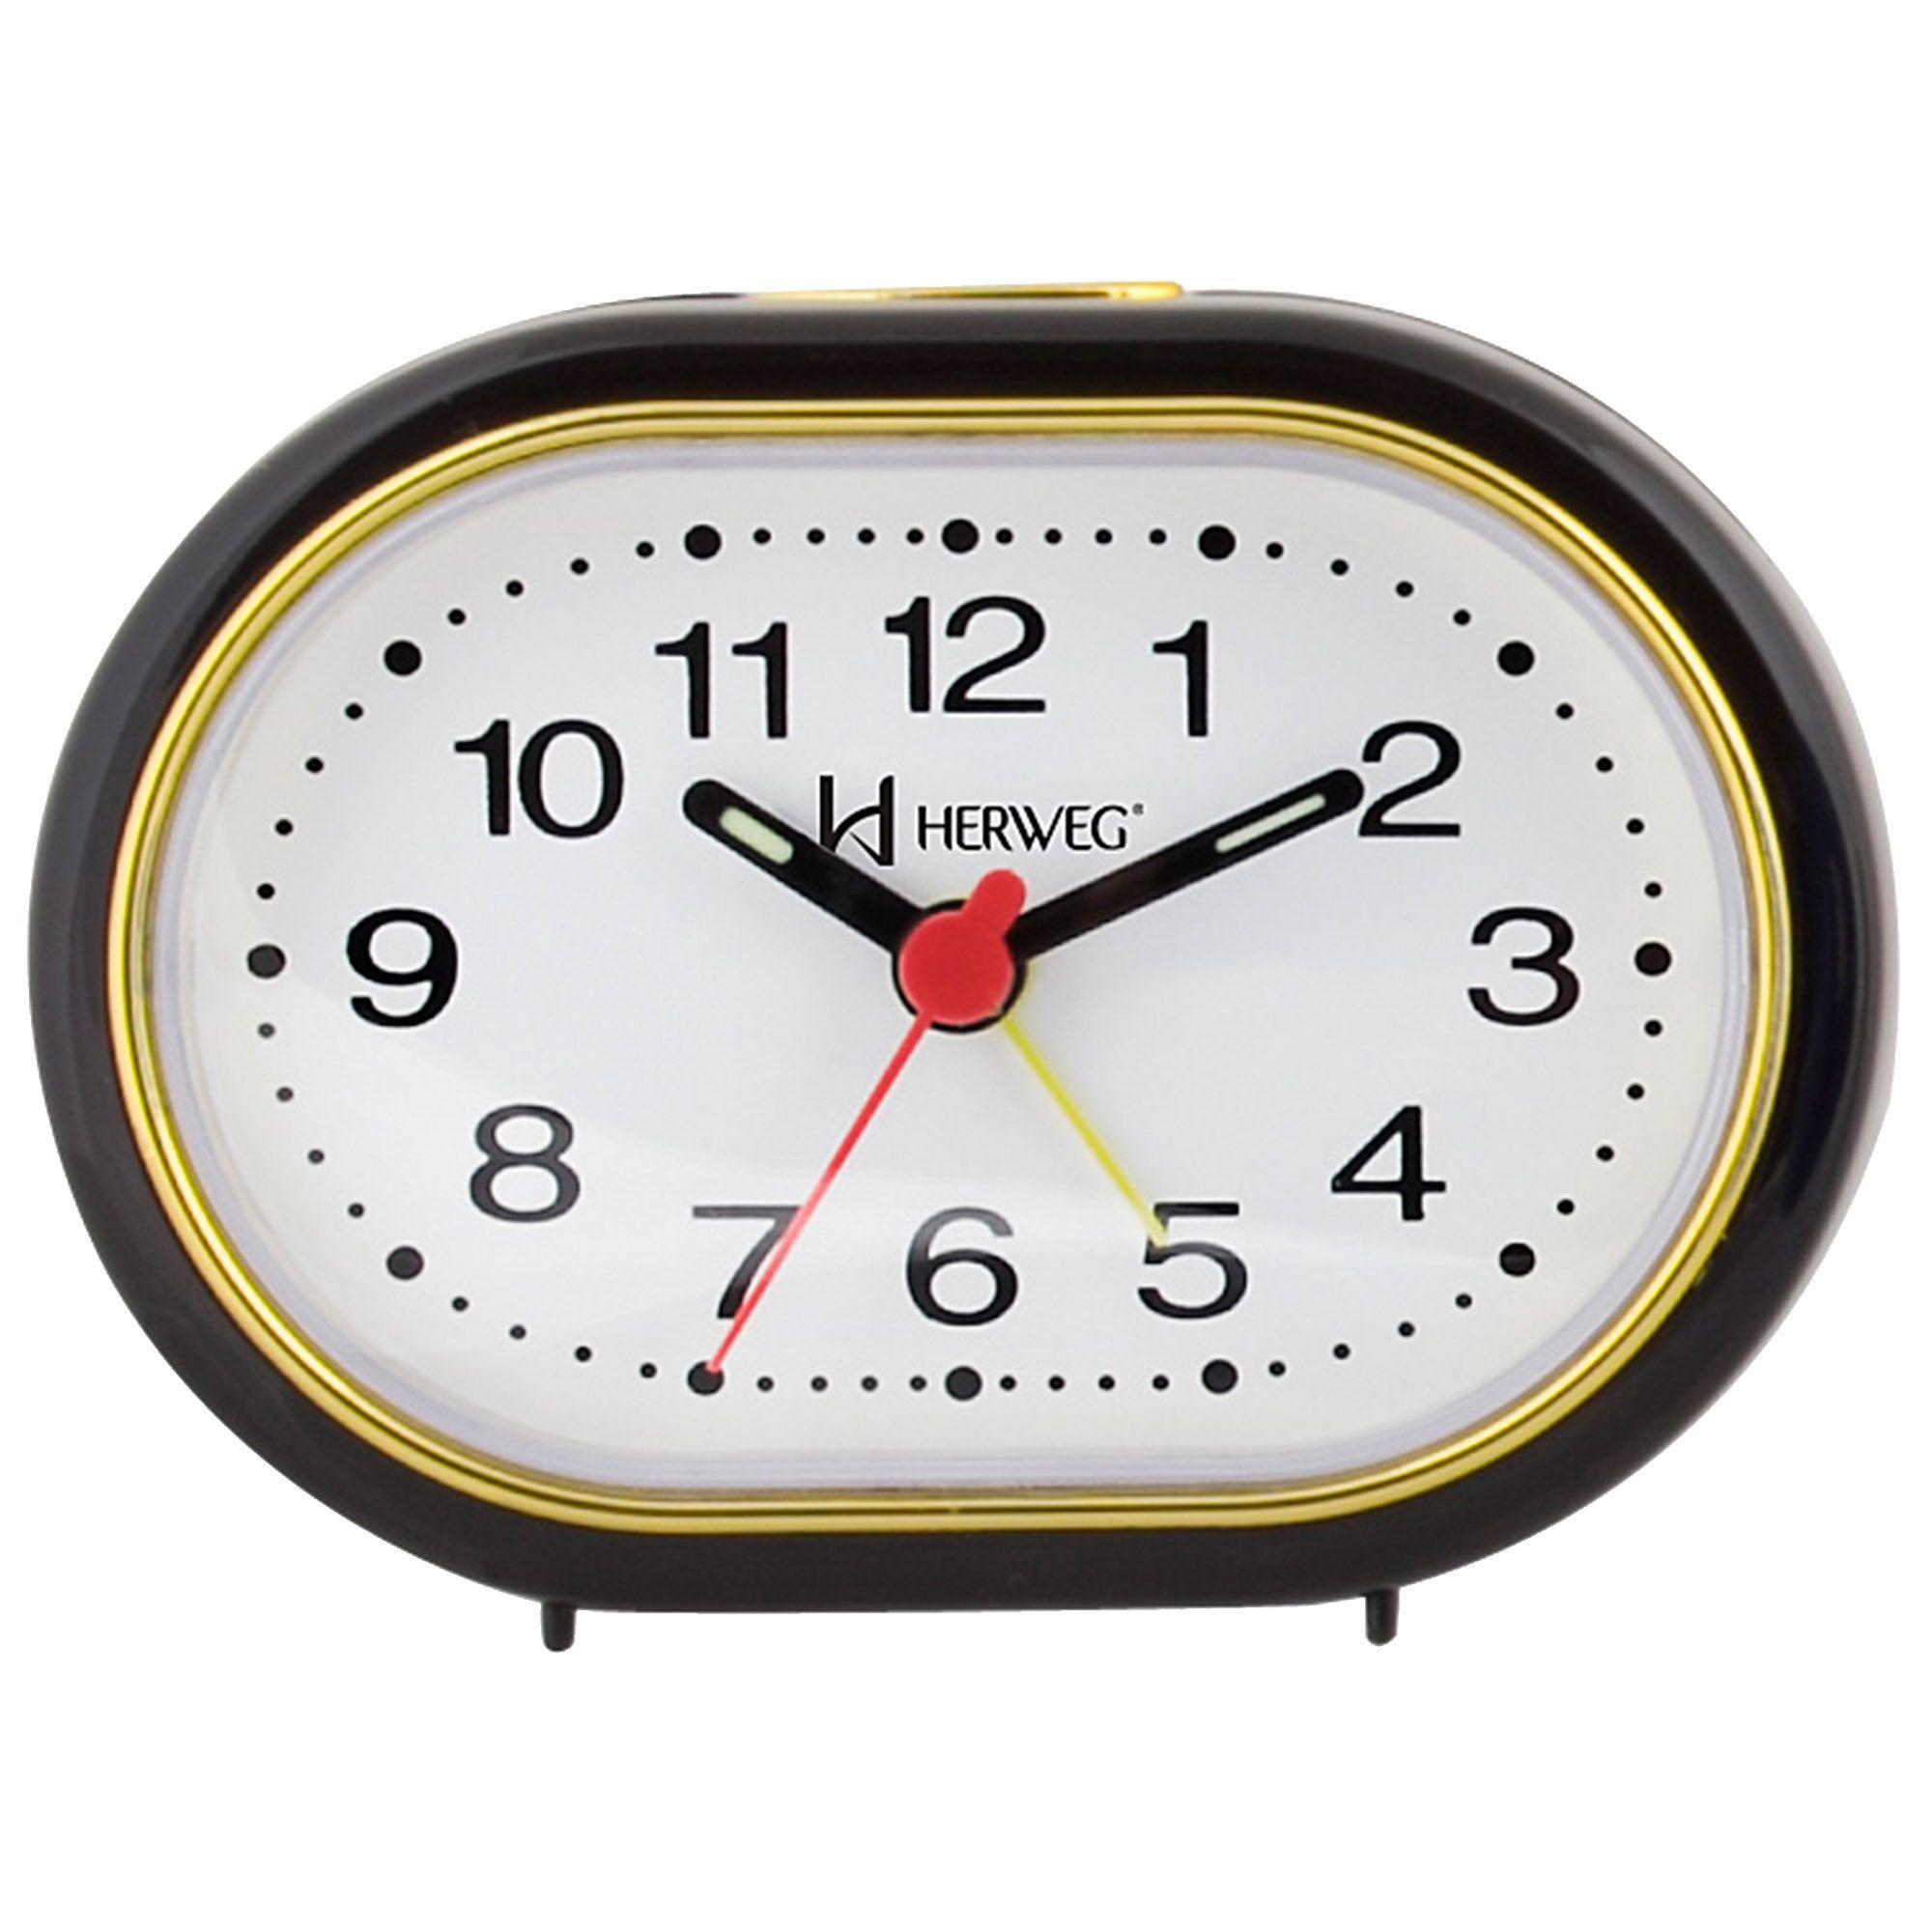 Despertador Analógico Quartzo Herweg 2592 034 Preto